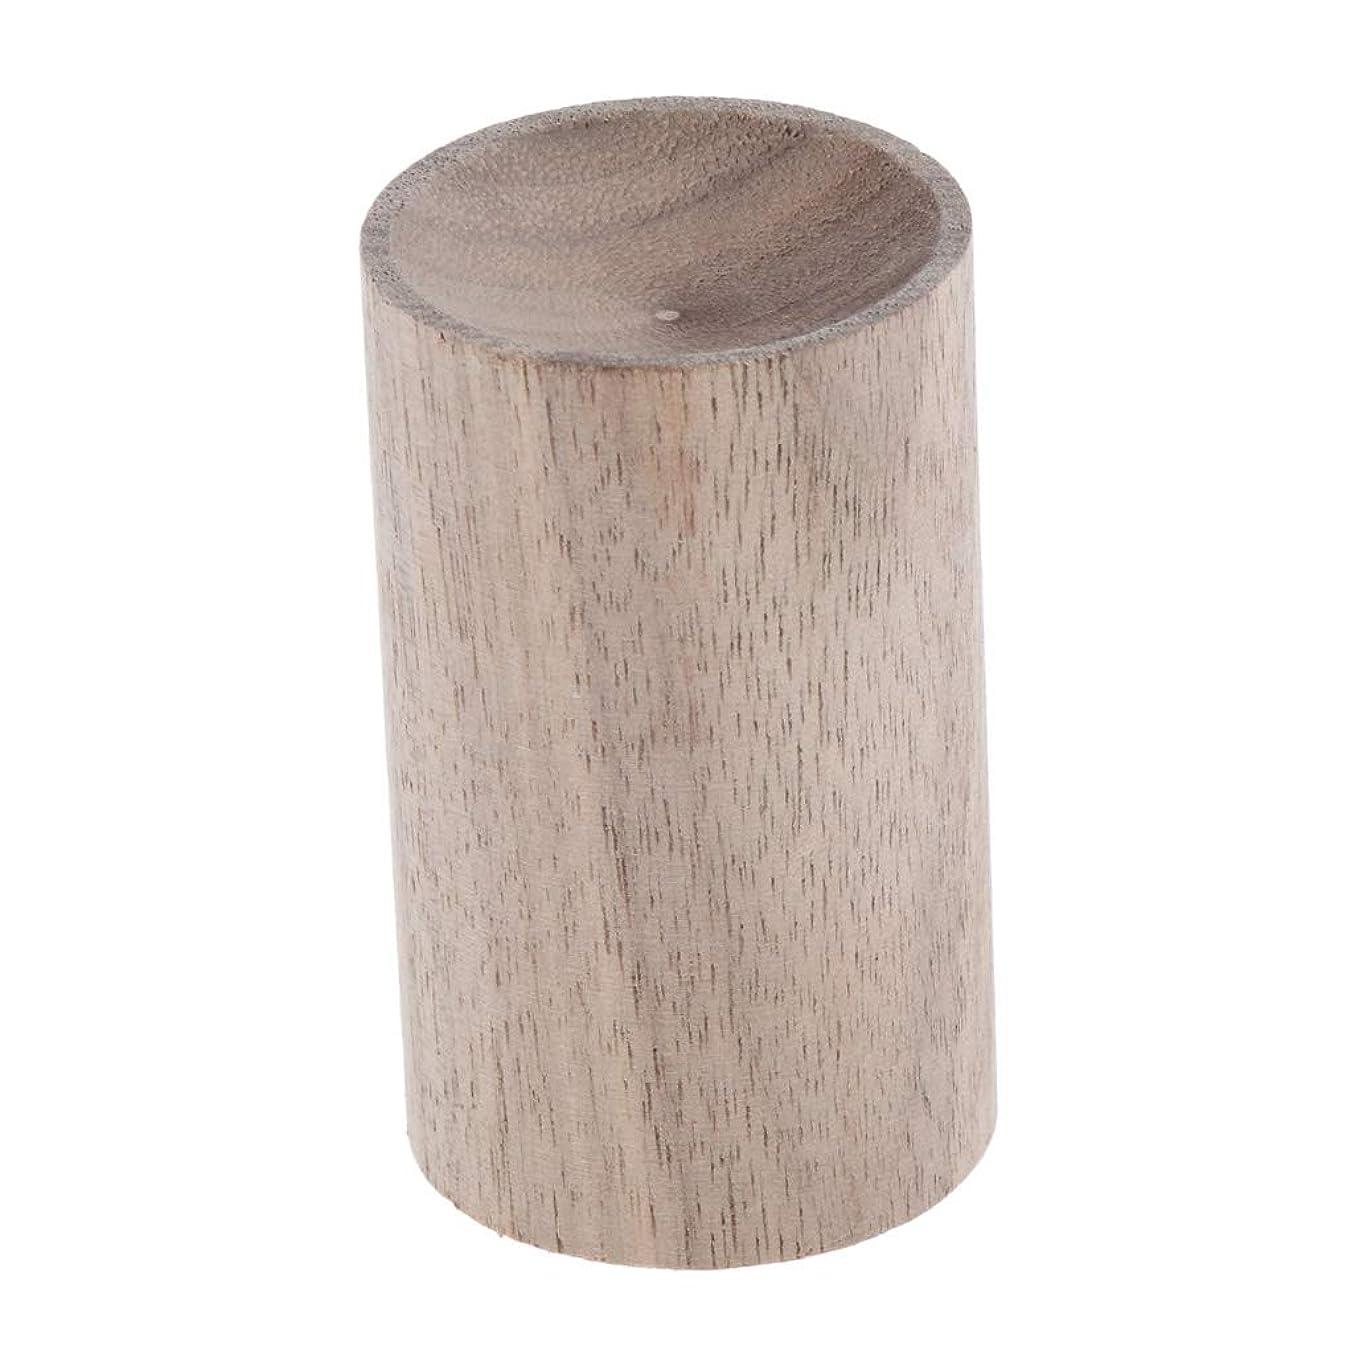 住所ブース風邪をひくchiwanji ハ ンドメイド エアフレッシュナー 天然木 エッセンシャルオイル アロマディフューザー 全2種類 - 02